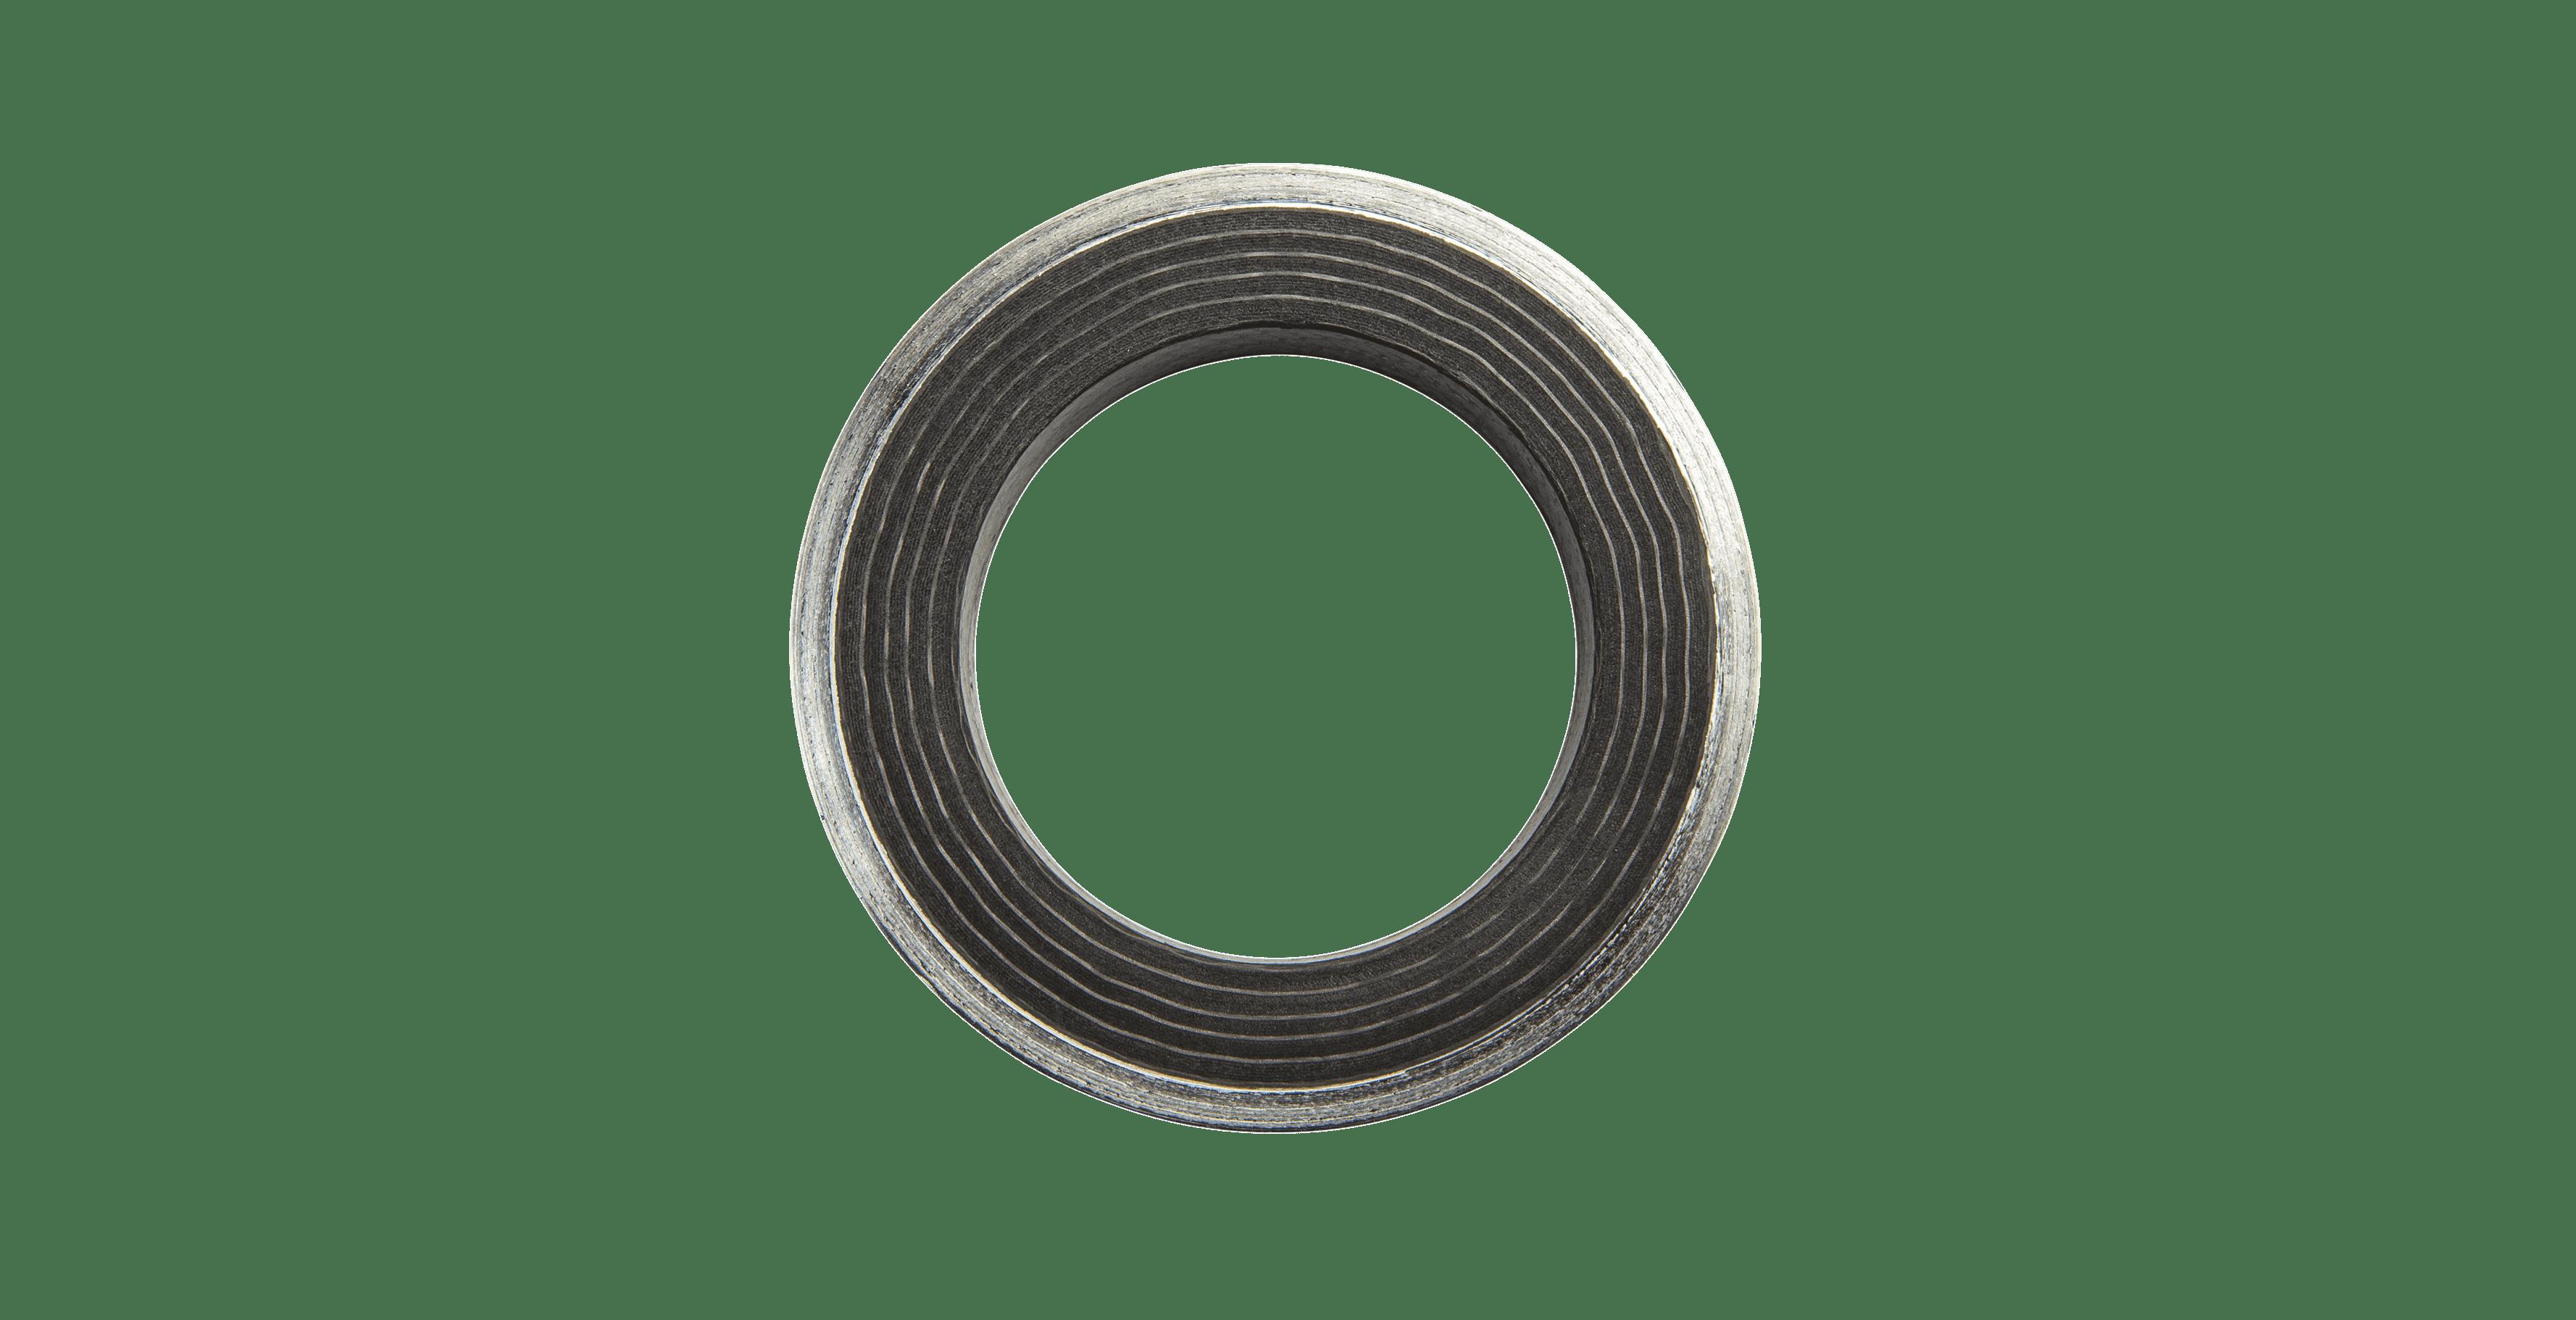 Section arbres en fibre de carbone à têtons